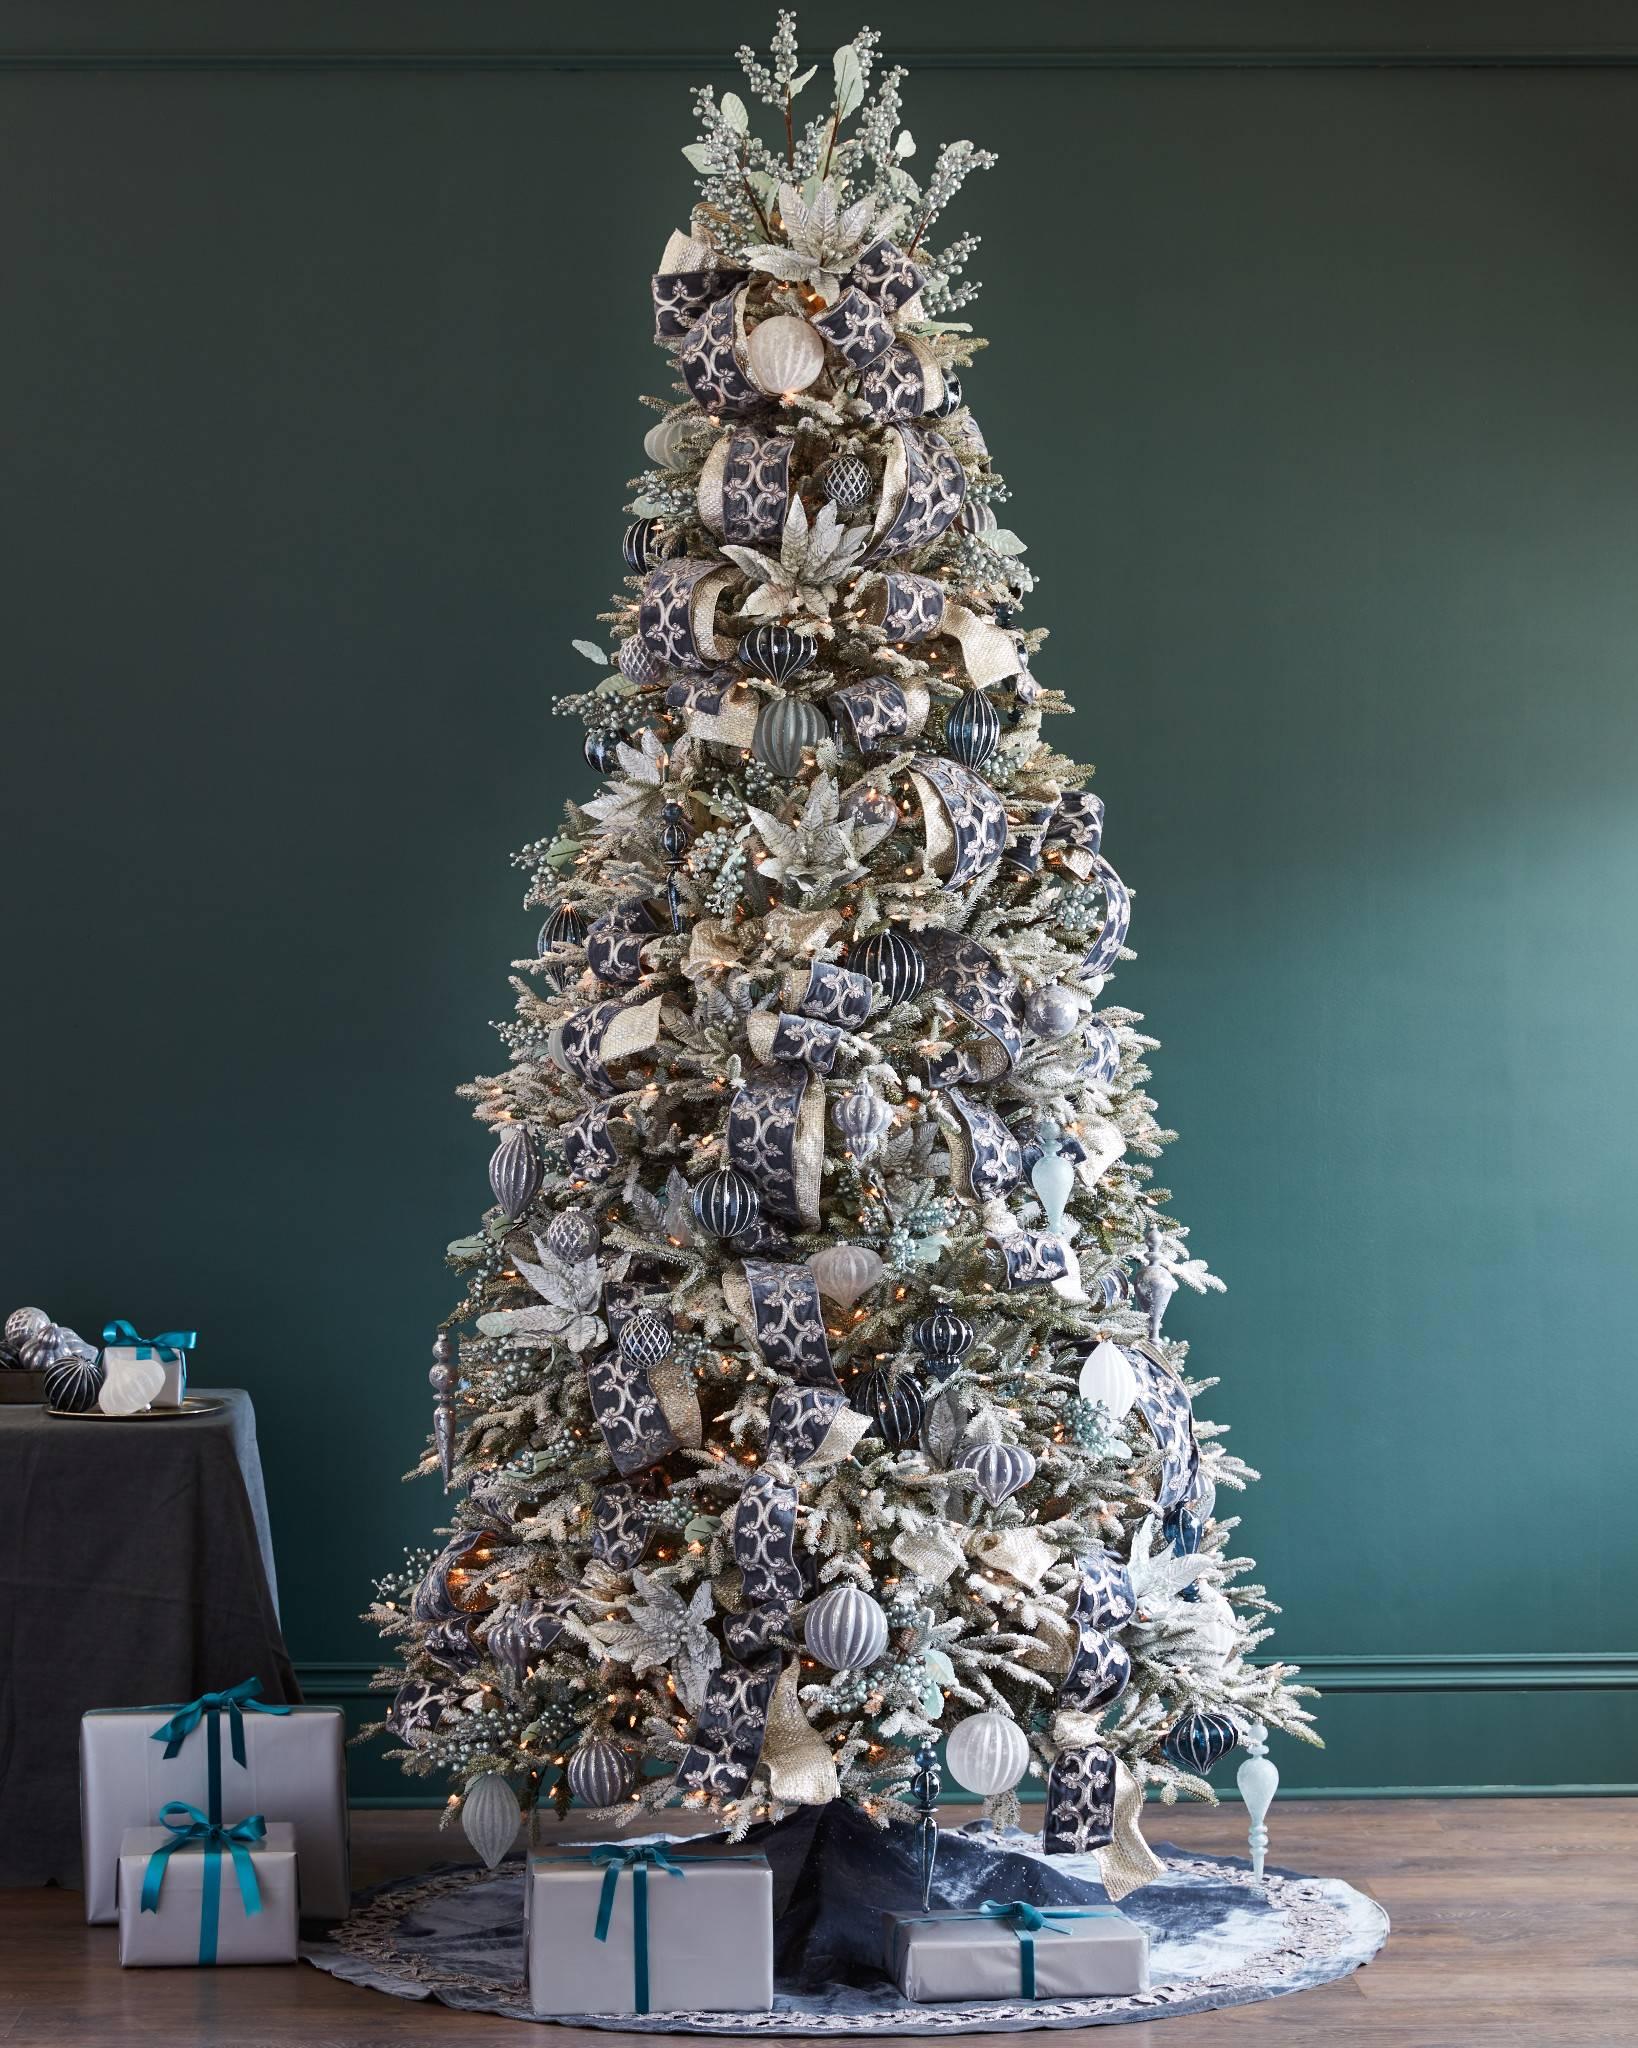 french blue velvet tree skirt by balsam hill - White Christmas Tree Skirt